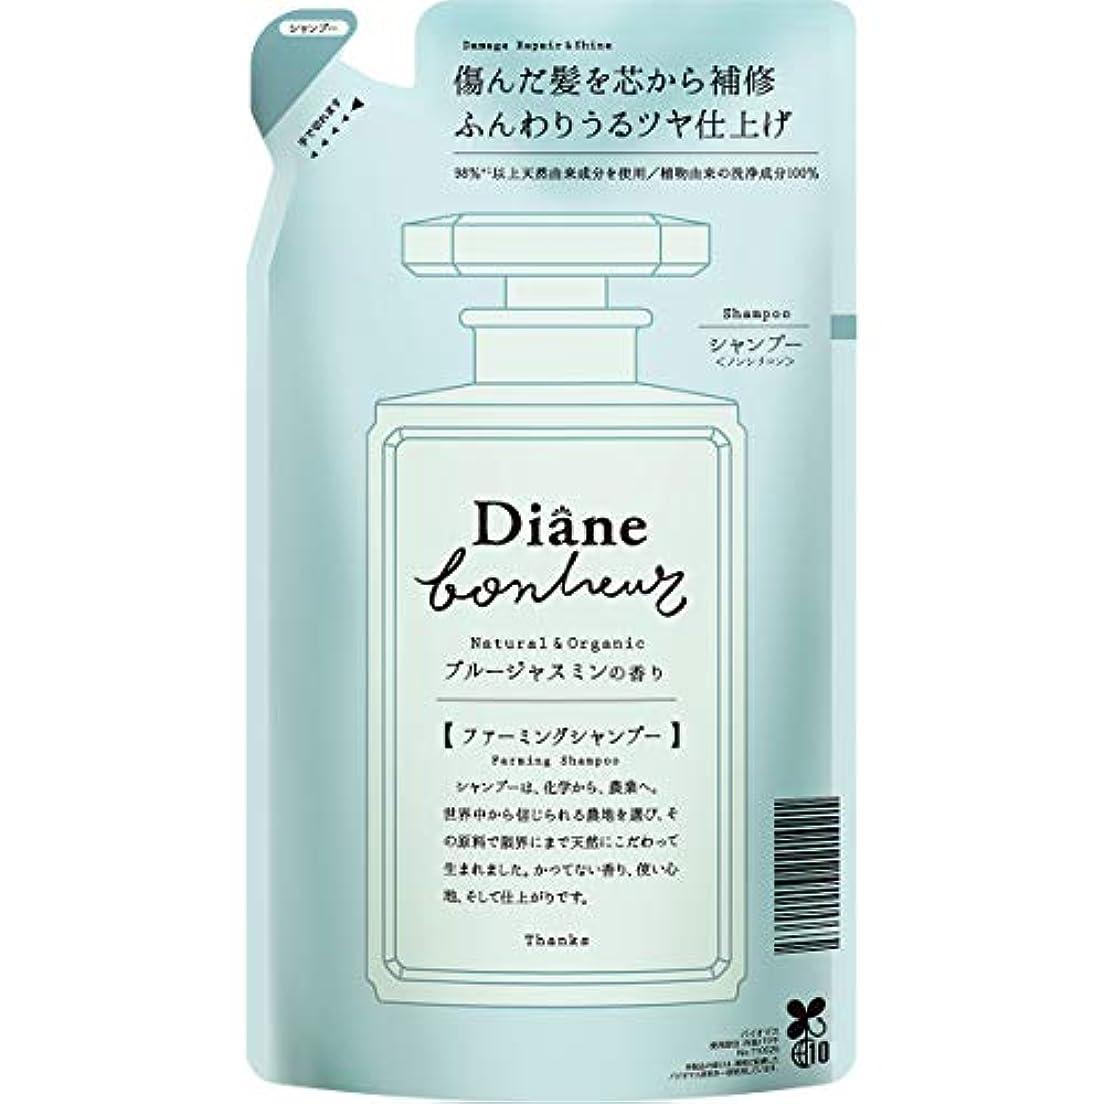 目に見えるできれば広告主ダイアン ボヌール シャンプー ブルージャスミンの香り ダメージリペア&シャイン 詰め替え 400ml